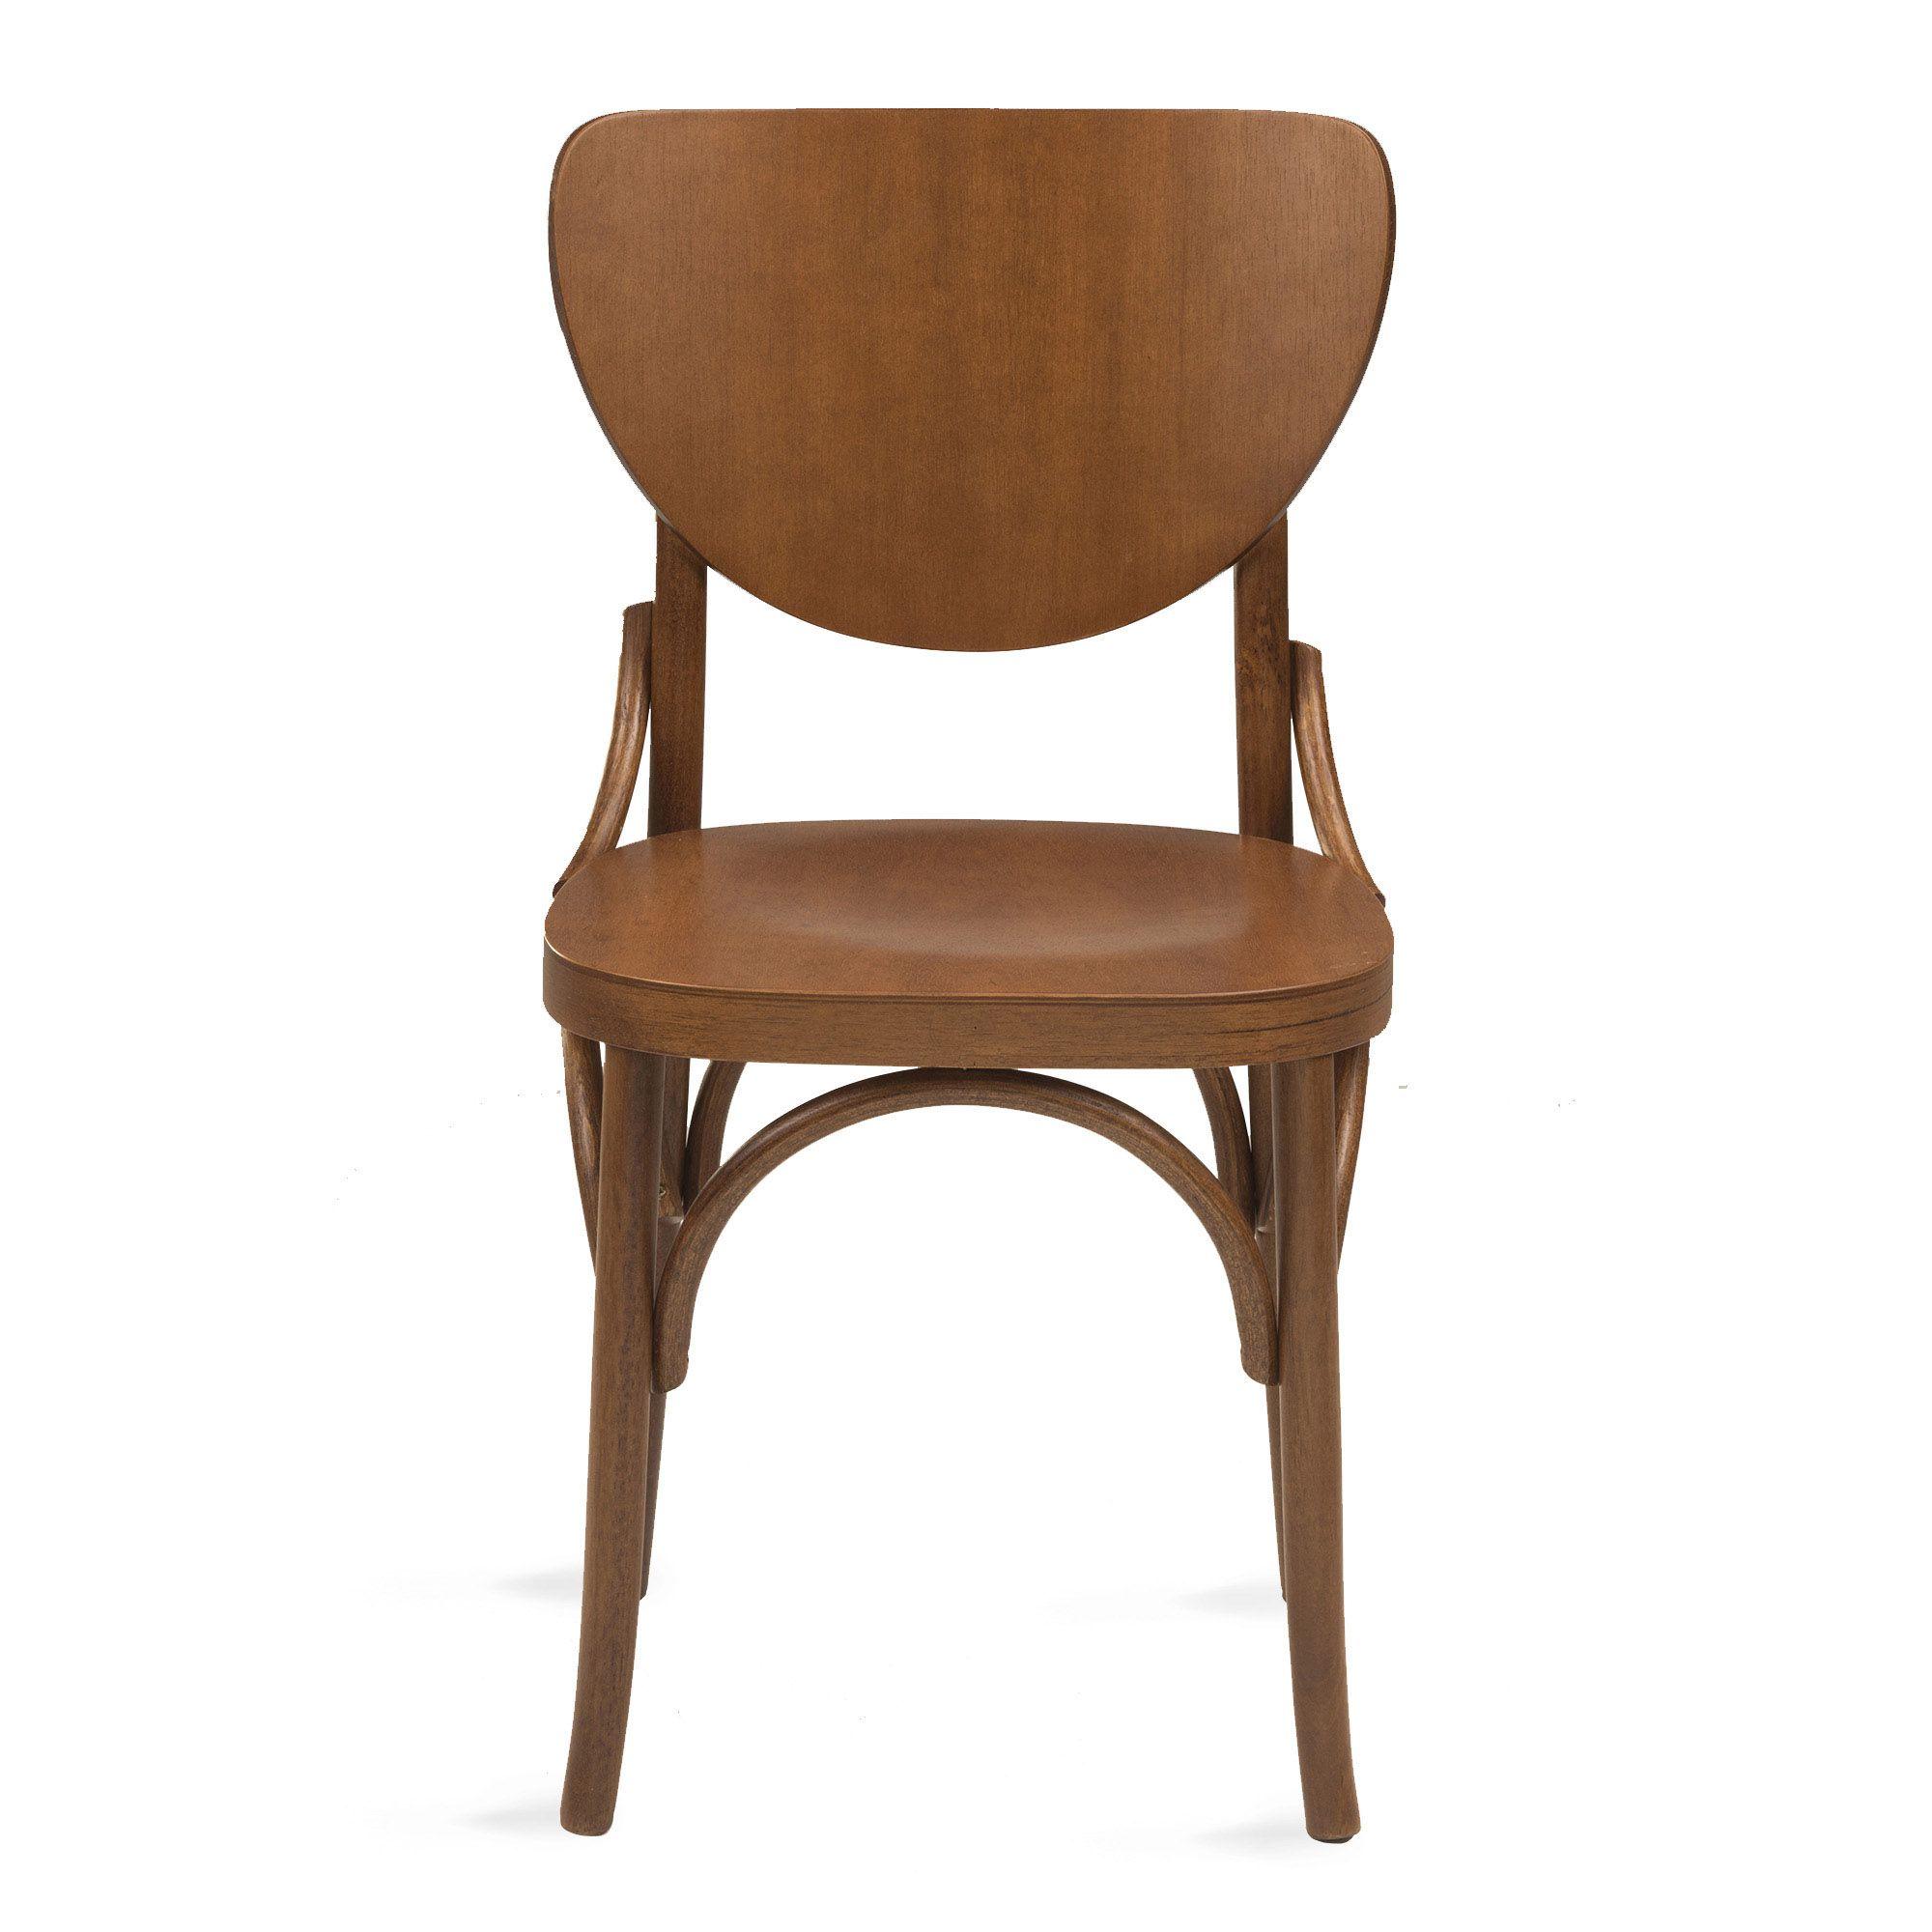 Cadeira Canadá De Madeira Tauri Com Encosto e Assento Anatômico Ergonômico